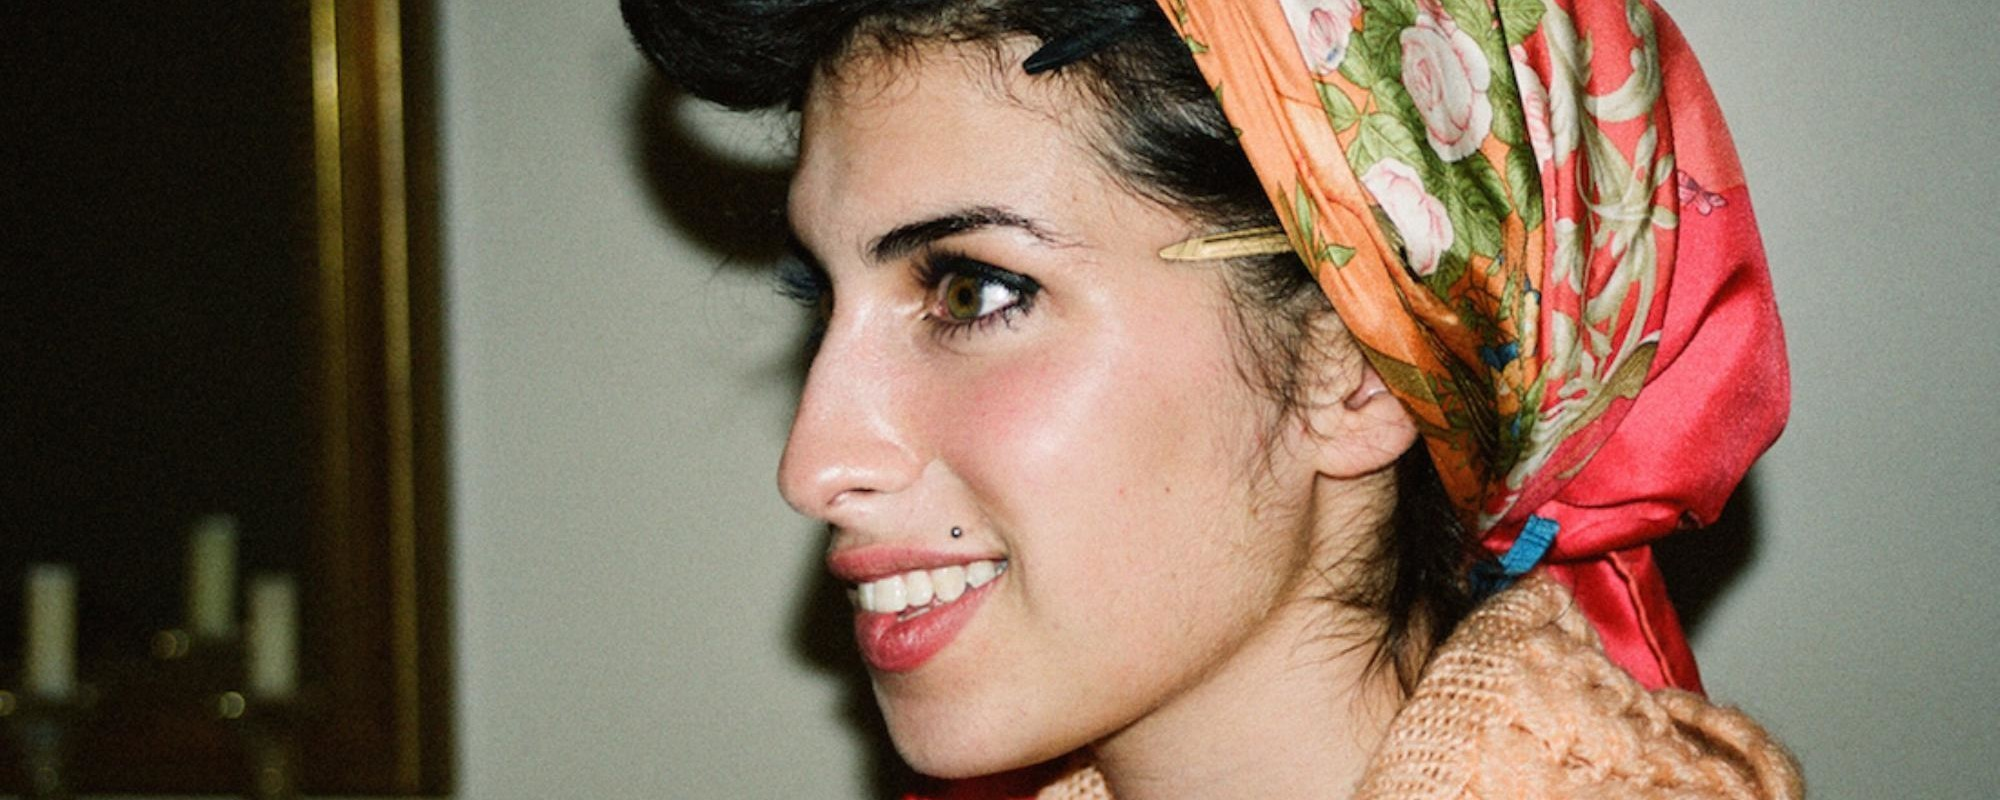 Σε Αυτές τις Αδημοσίευτες Φωτογραφίες η Amy Winehouse Είναι Πραγματικά Χαρούμενη